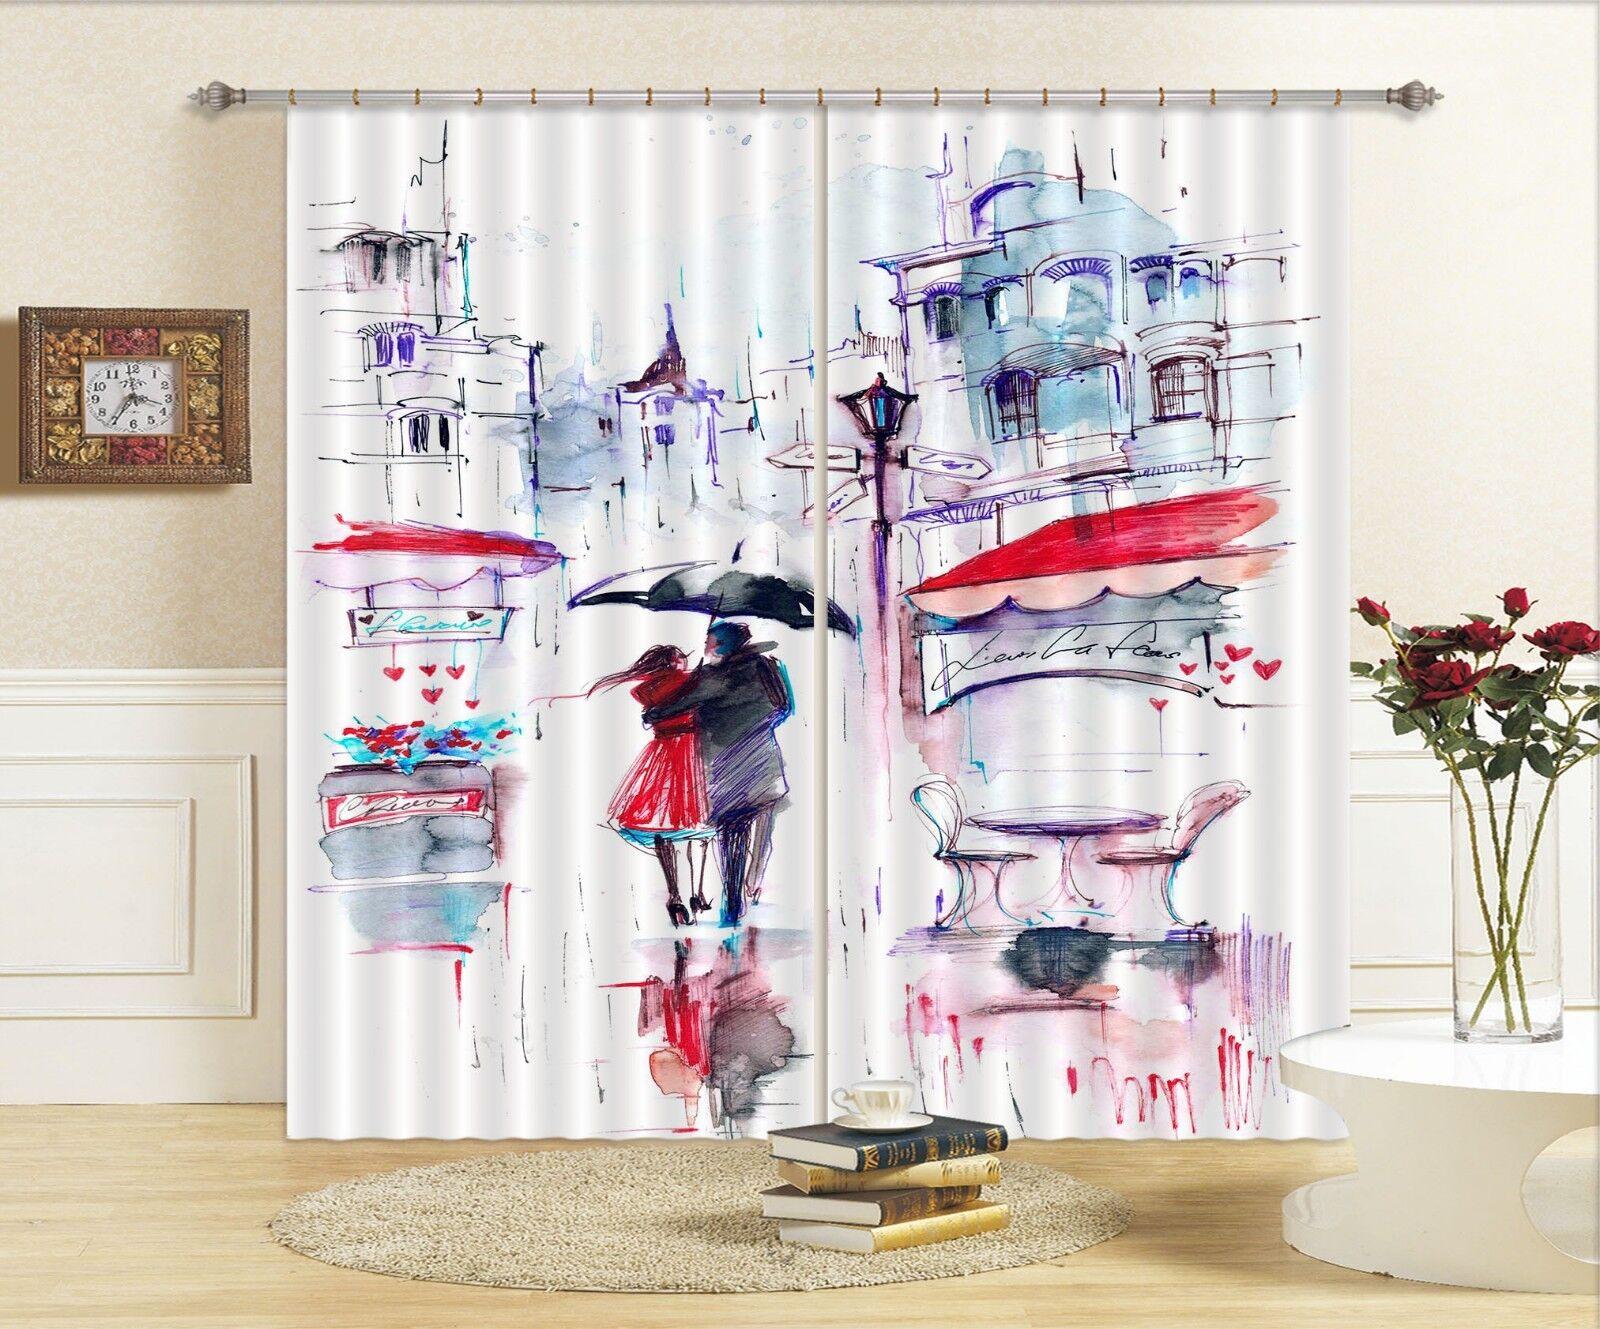 3d arte pinturas bloqueo 77 cortina de fotografía presión cortinas cortina de tela de ventana